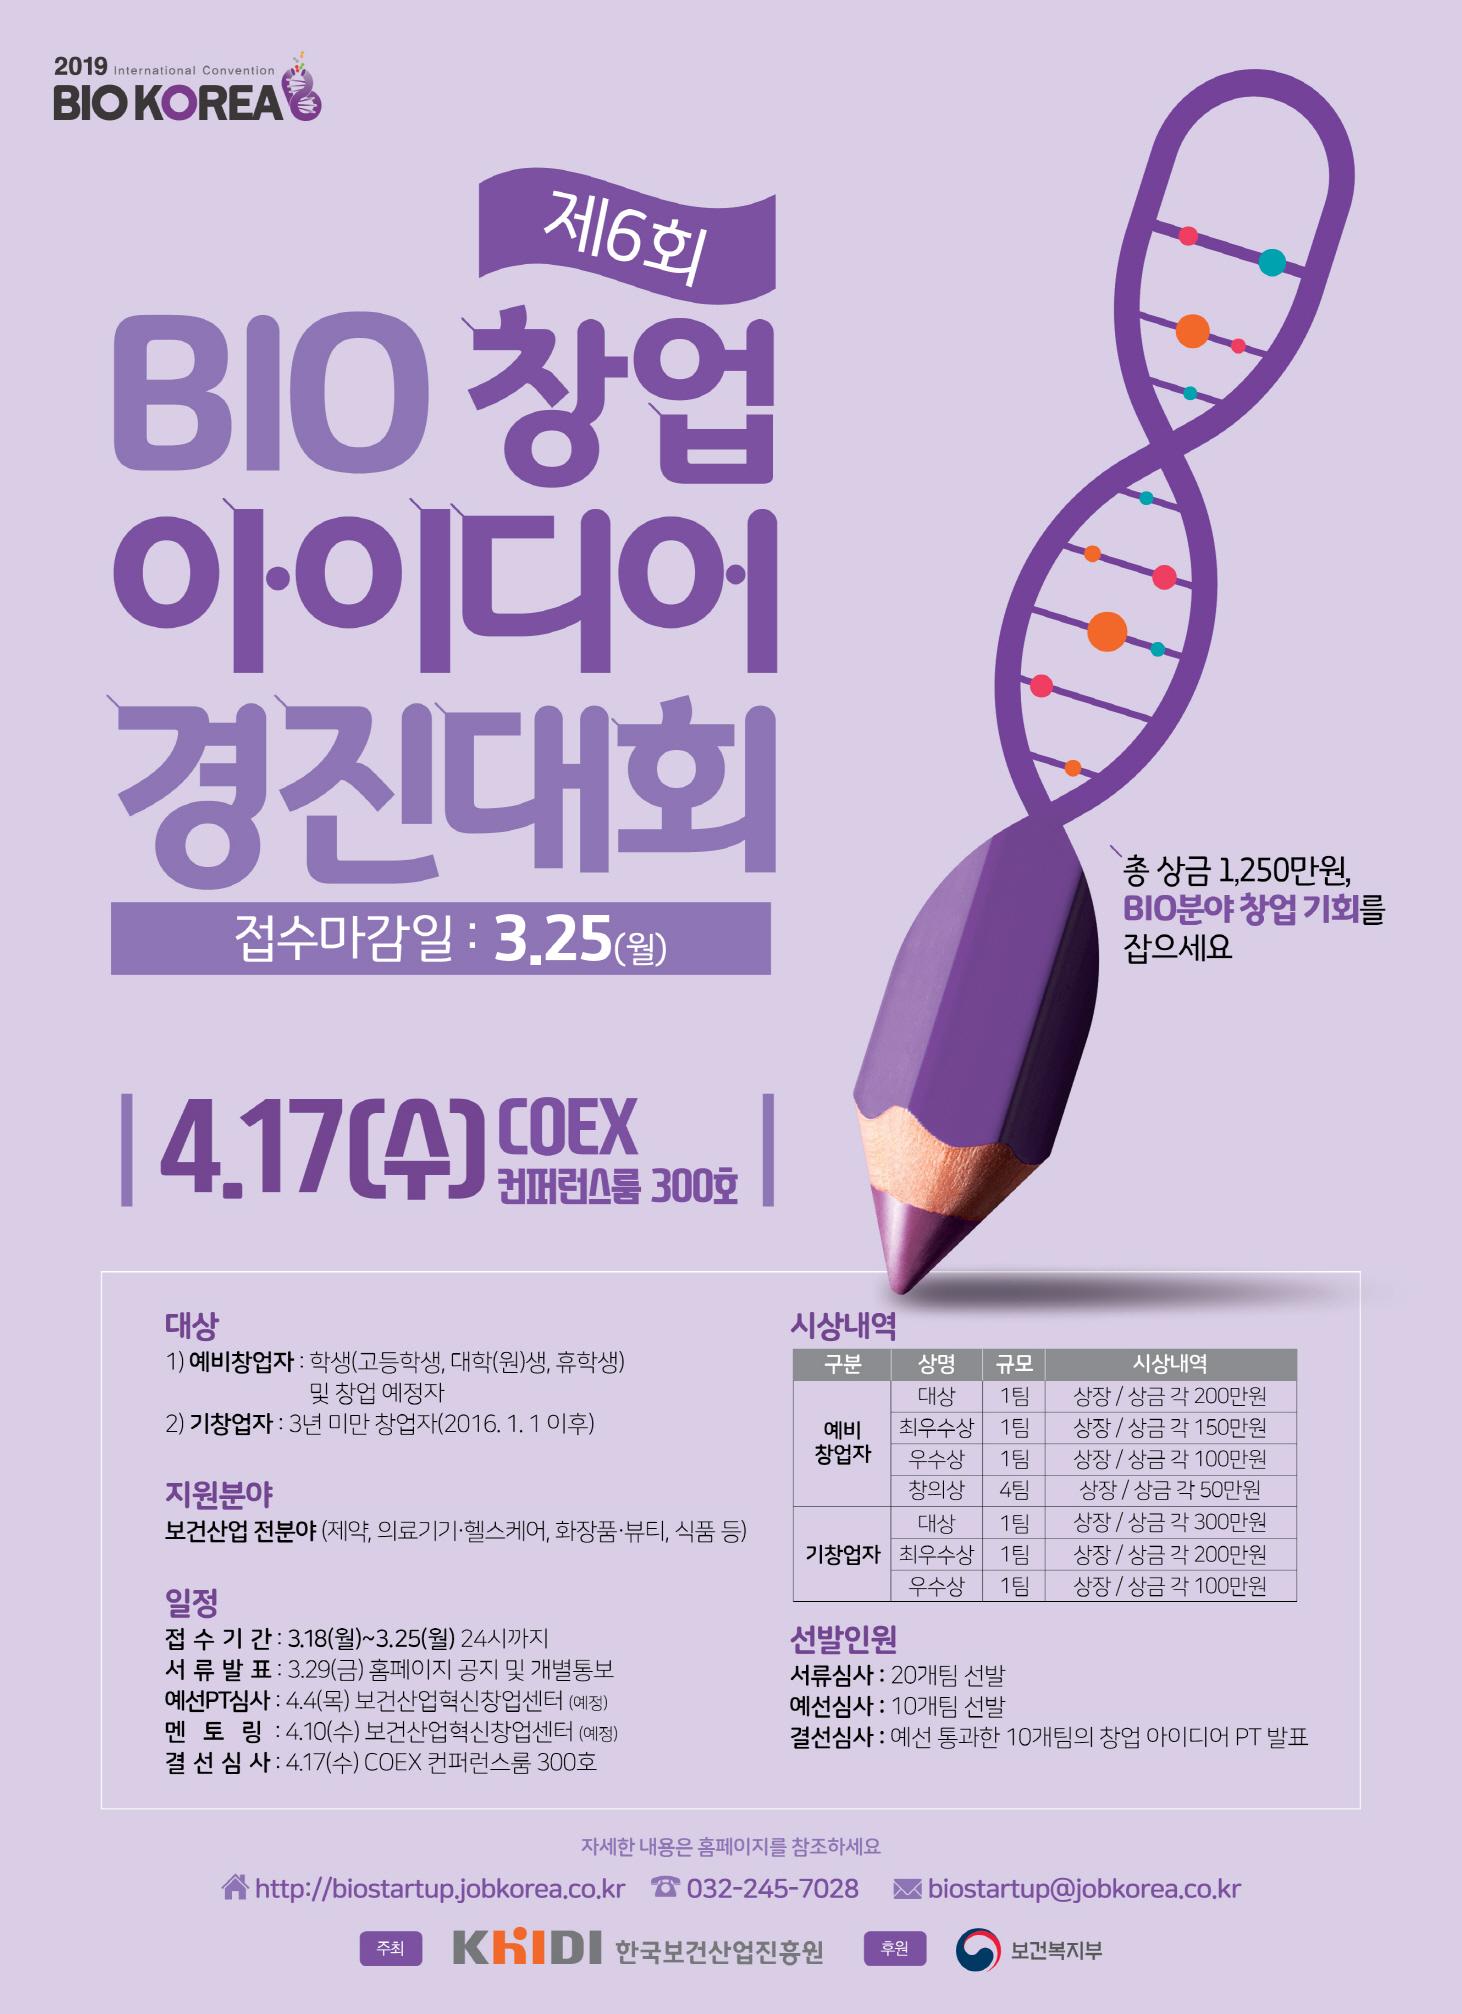 제 6회 BIO 창업 아이디어 경진대회